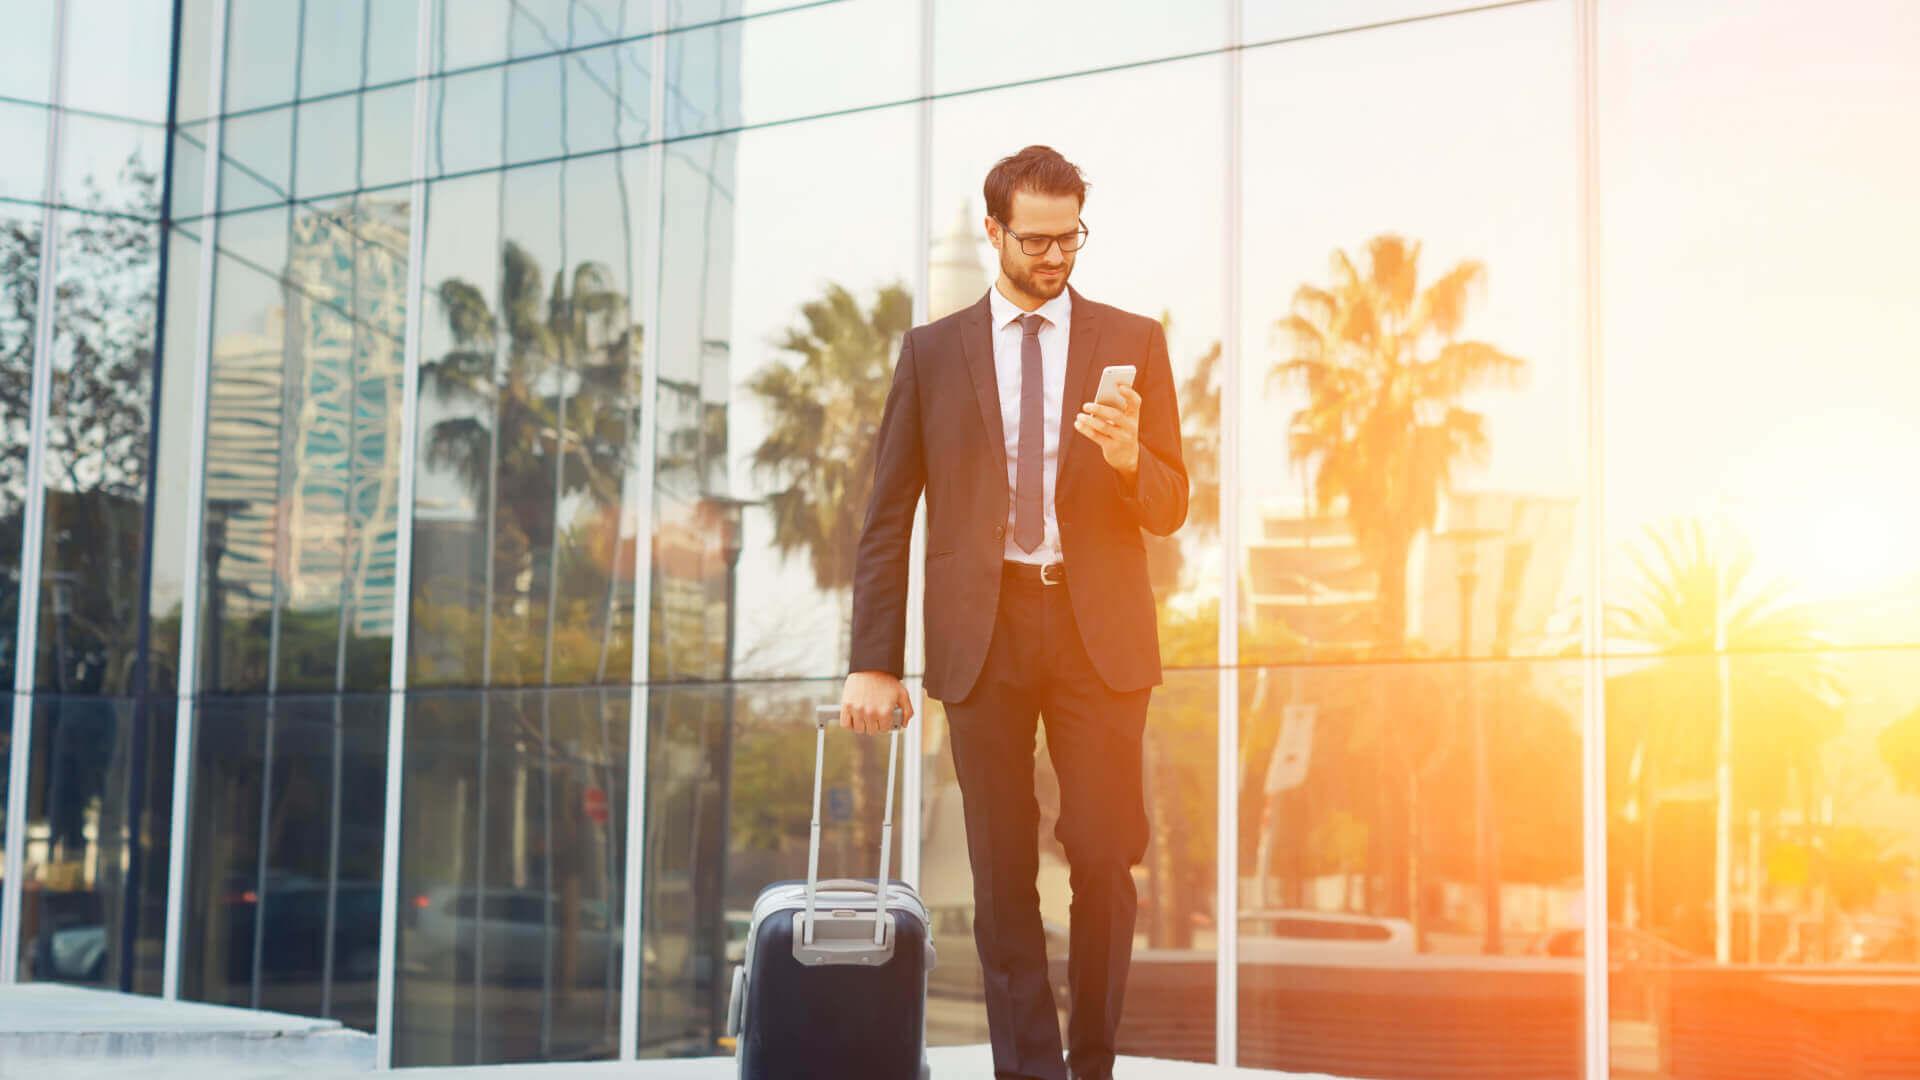 Daha İyi Hissedeceğiniz Bir İş Seyahati Deneyimi İçin Fikirler